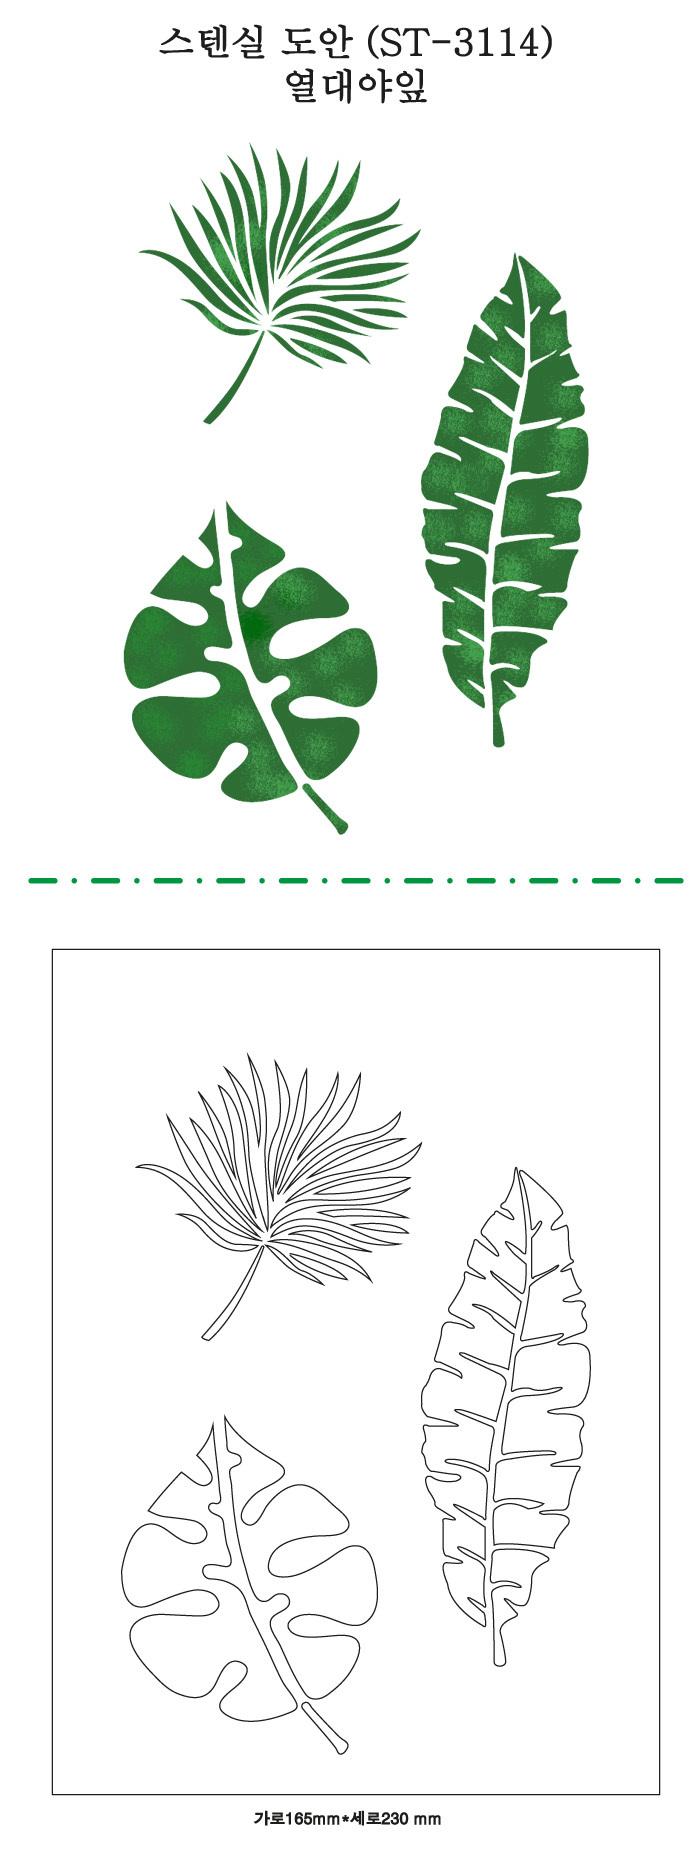 스텐실 도안(ST-3114)열대야 나뭇잎 - 대문닷컴, 3,800원, 스텐실, 스텐실도안